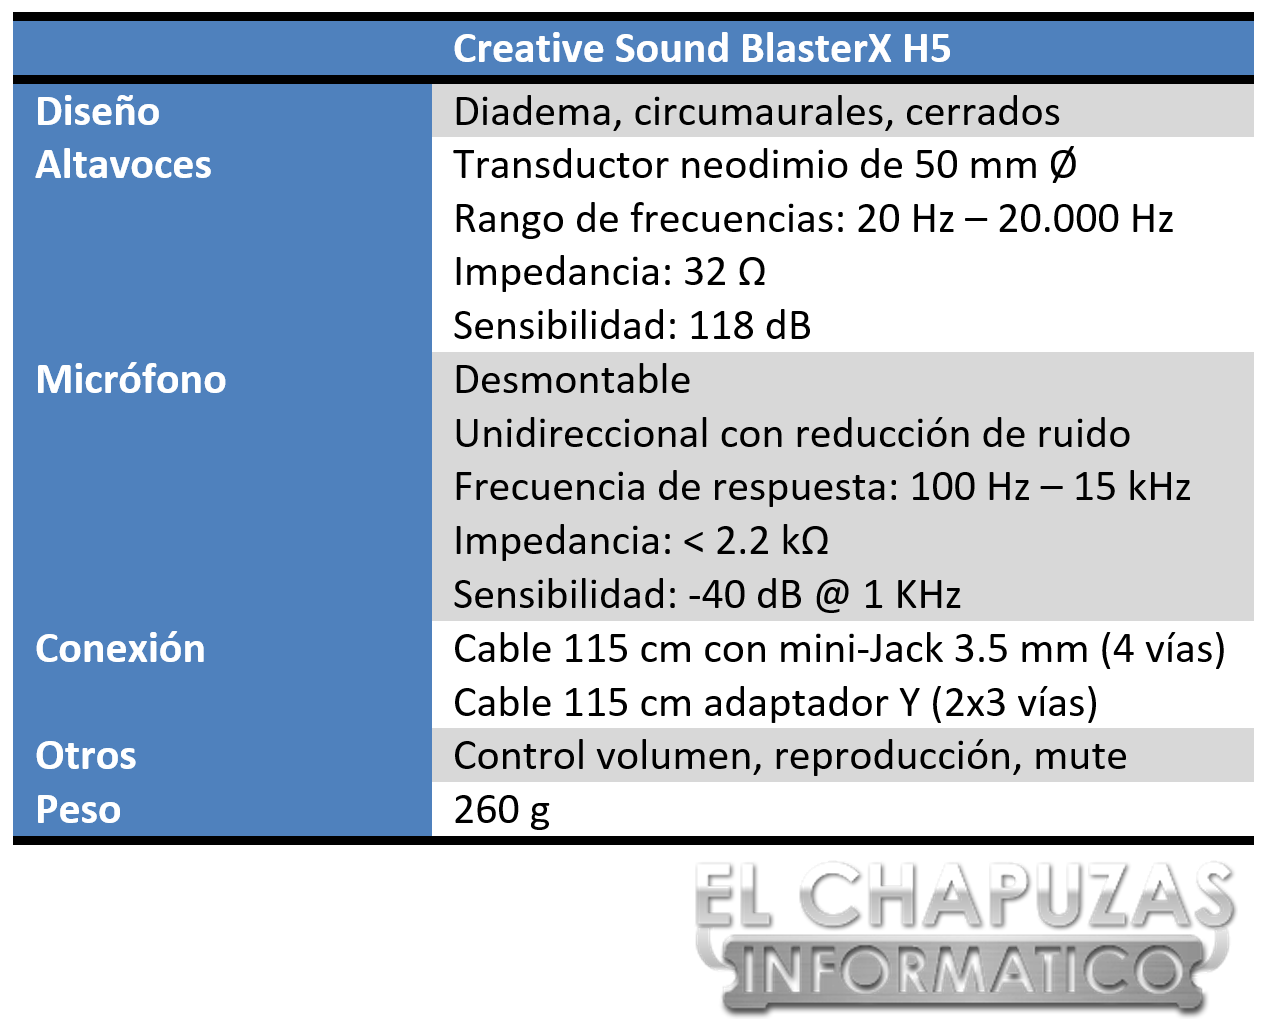 Creative Sound BlasterX H5 Especificaciones